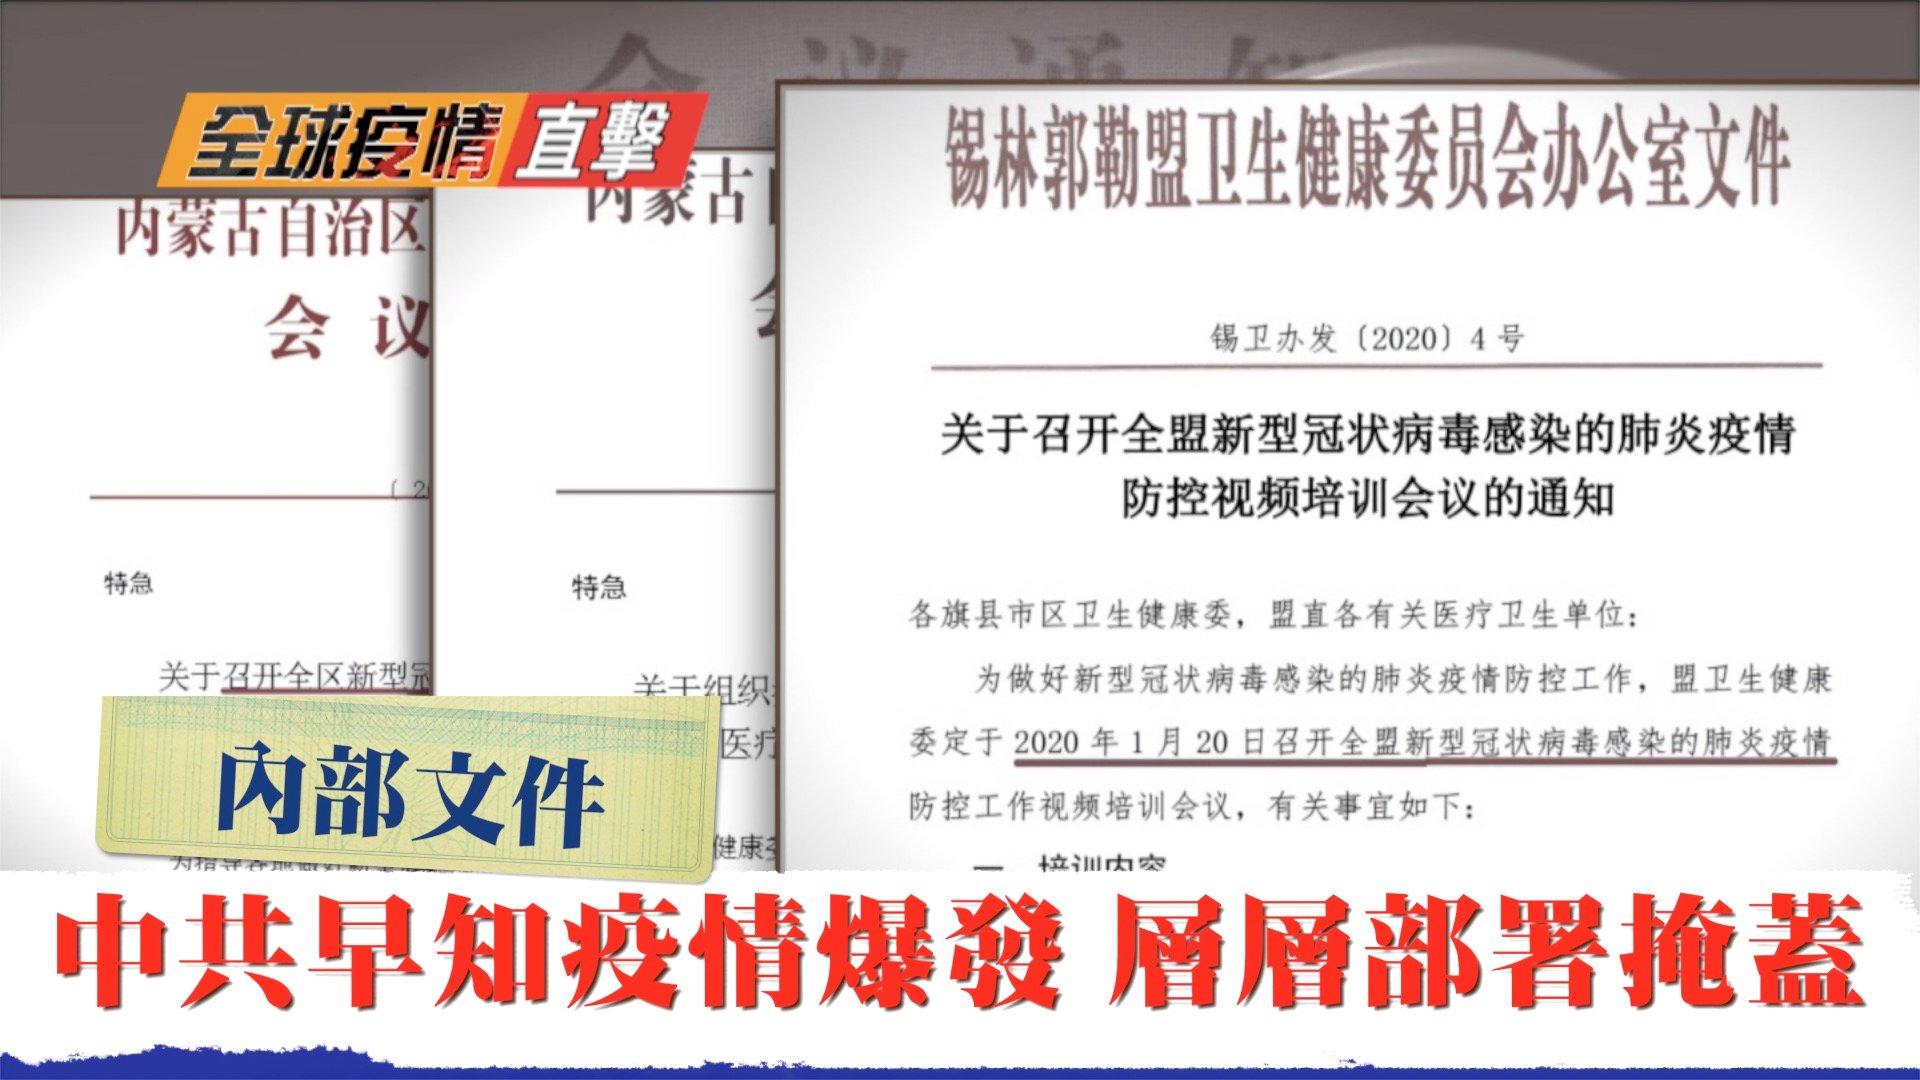 由海外獨立媒體獨家獲得的中共內部文件,揭示中共病毒爆發後,各級政府分級部署、秘密培訓如何掩蓋疫情的行動。(新唐人合成)